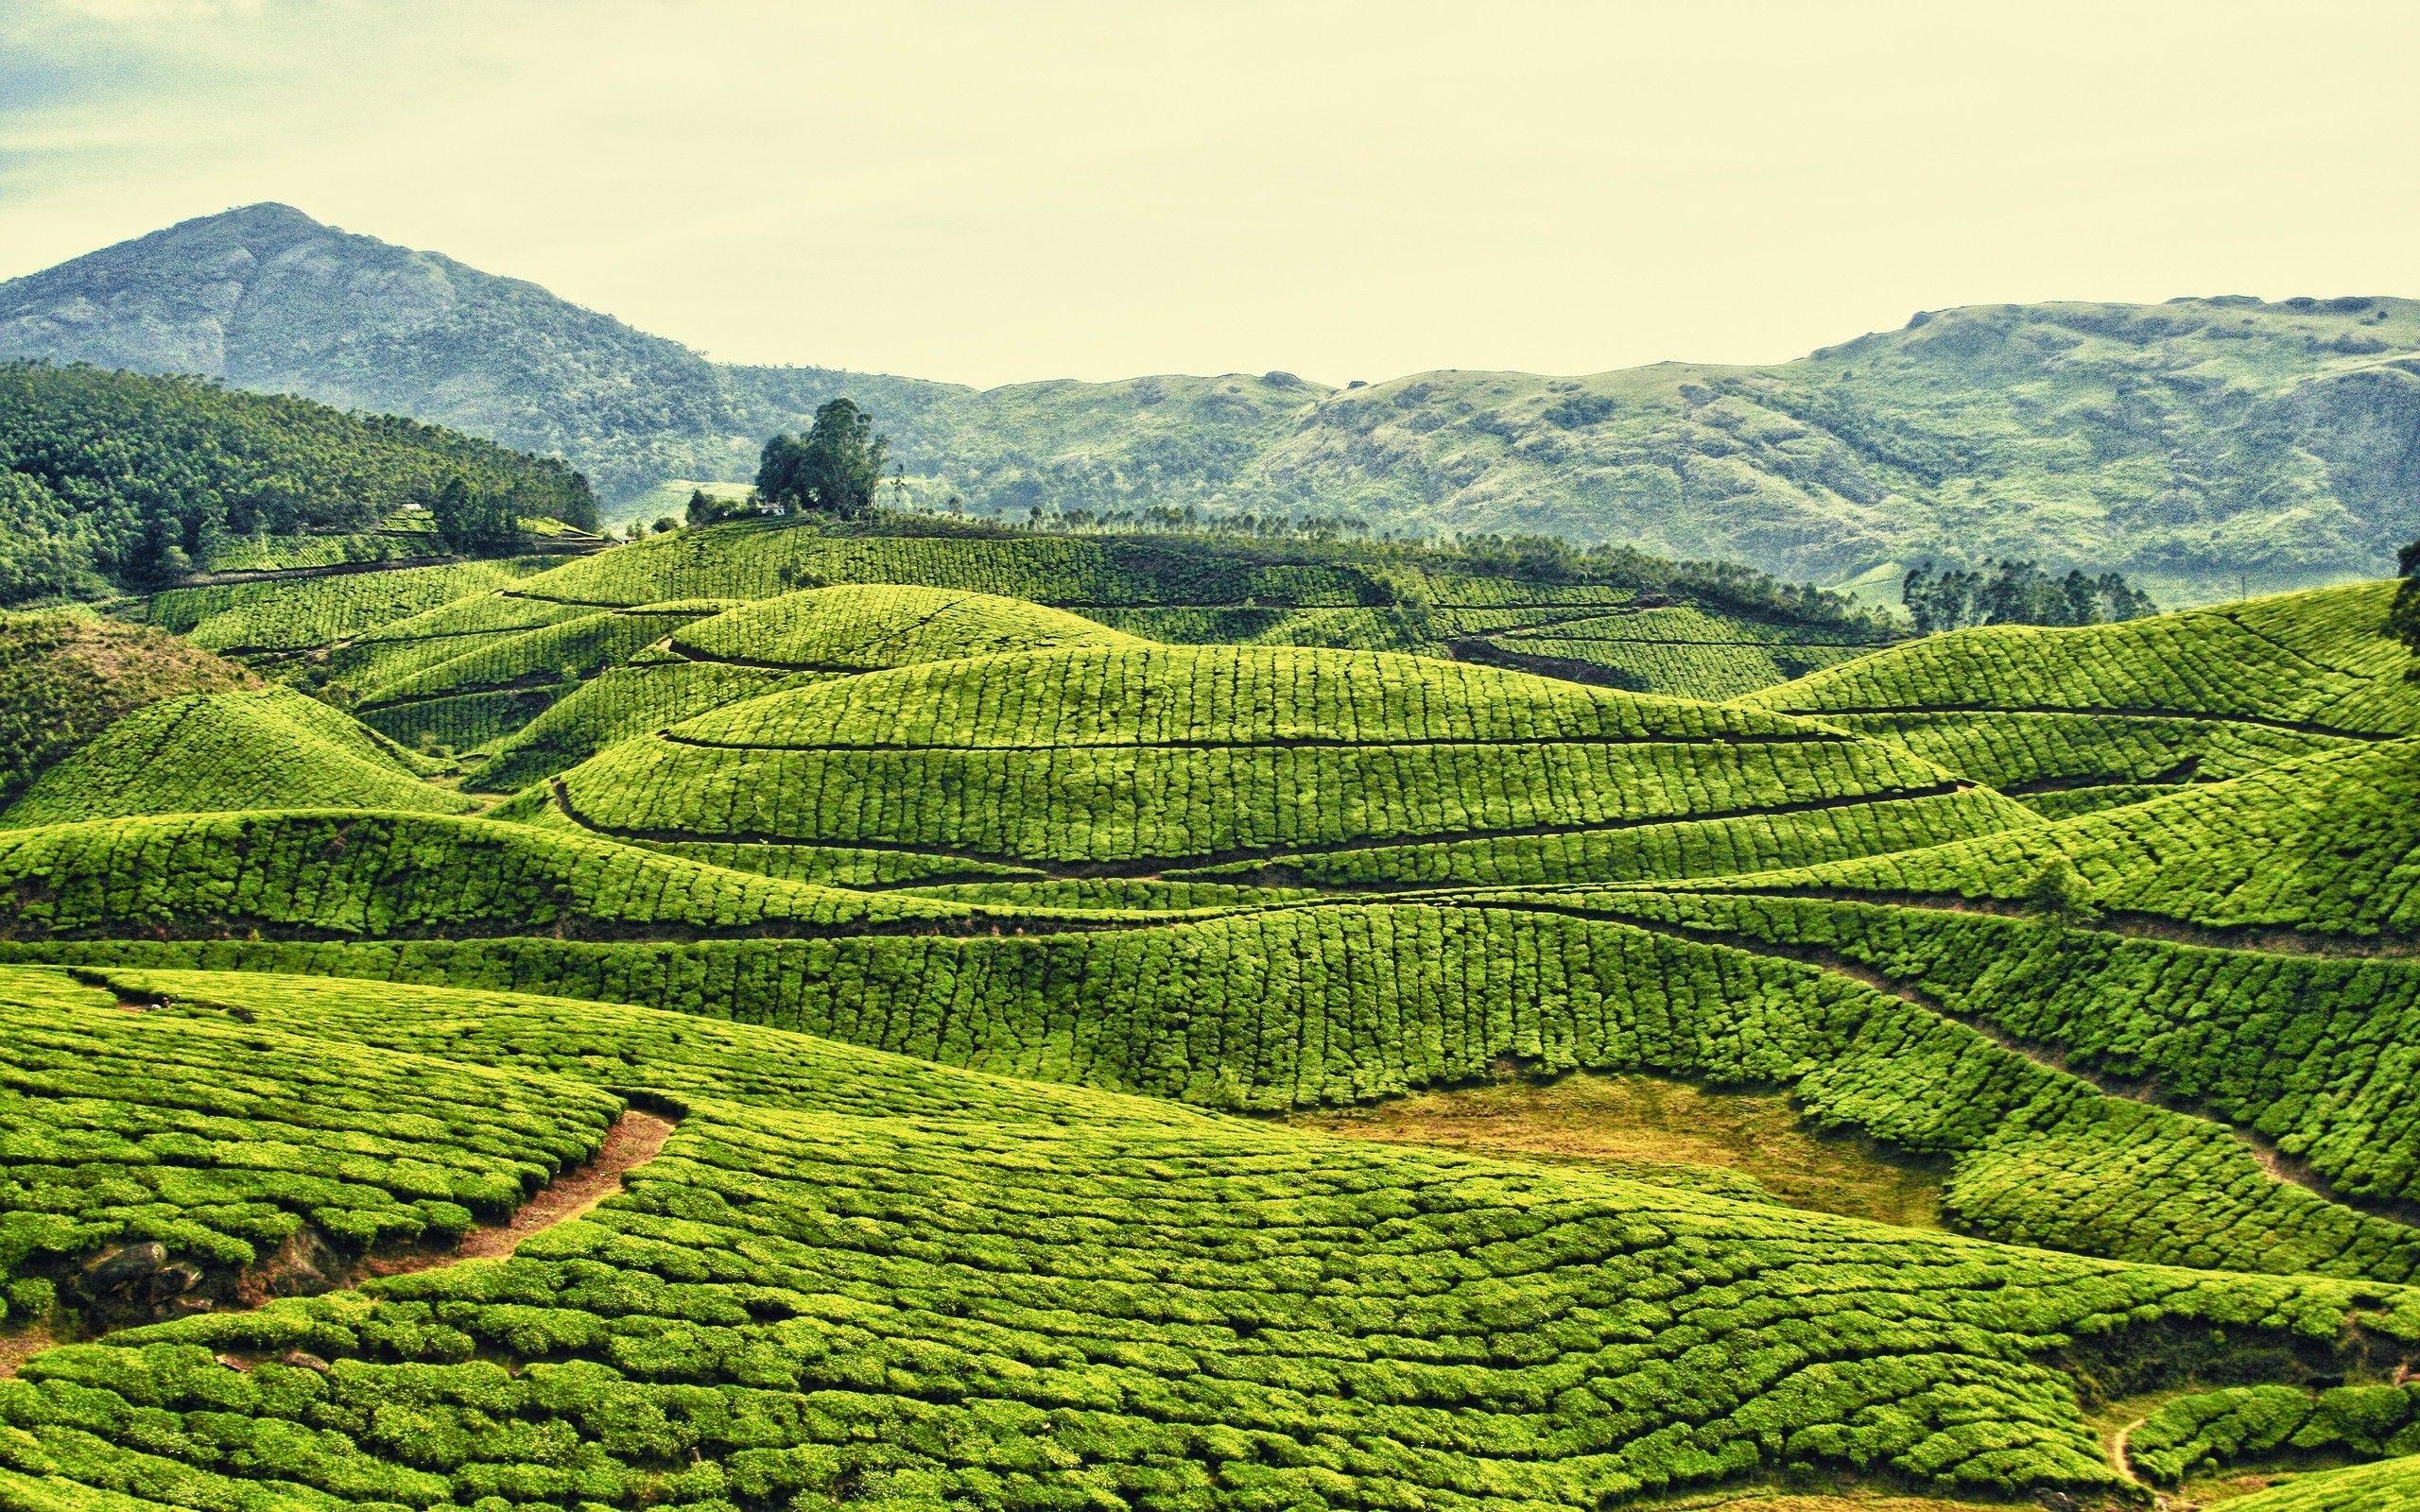 2560x1600 Hình nền hàng ngày: Kodaikanal, Ấn Độ.  Tôi thích lãng phí thời gian của mình